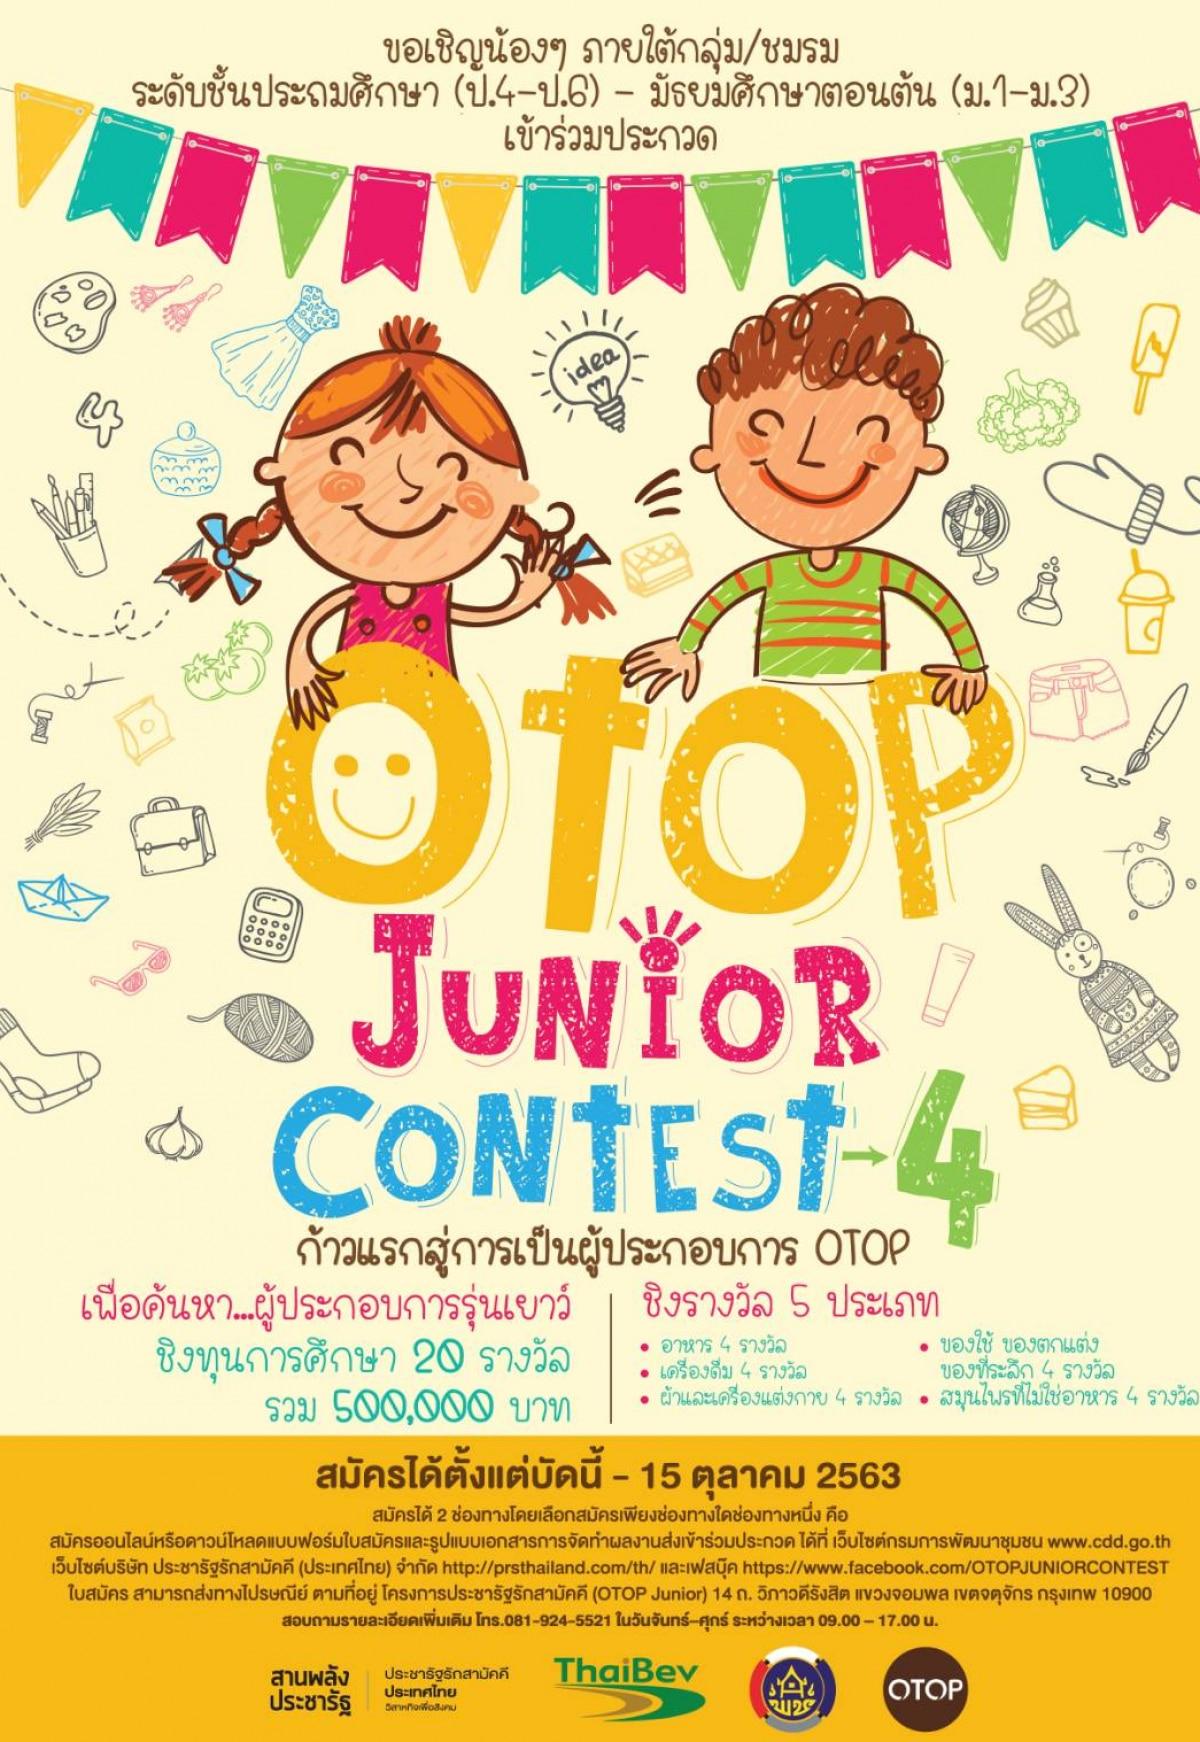 """โครงการประกวดโอทอป จูเนียร์ ประจำปี 2563 """"OTOP Junior Contest 2020 ส่งใบสมัครได้ตั้งแต่บัดนี้ ถึงวันที่ 15 ตุลาคม 2563"""